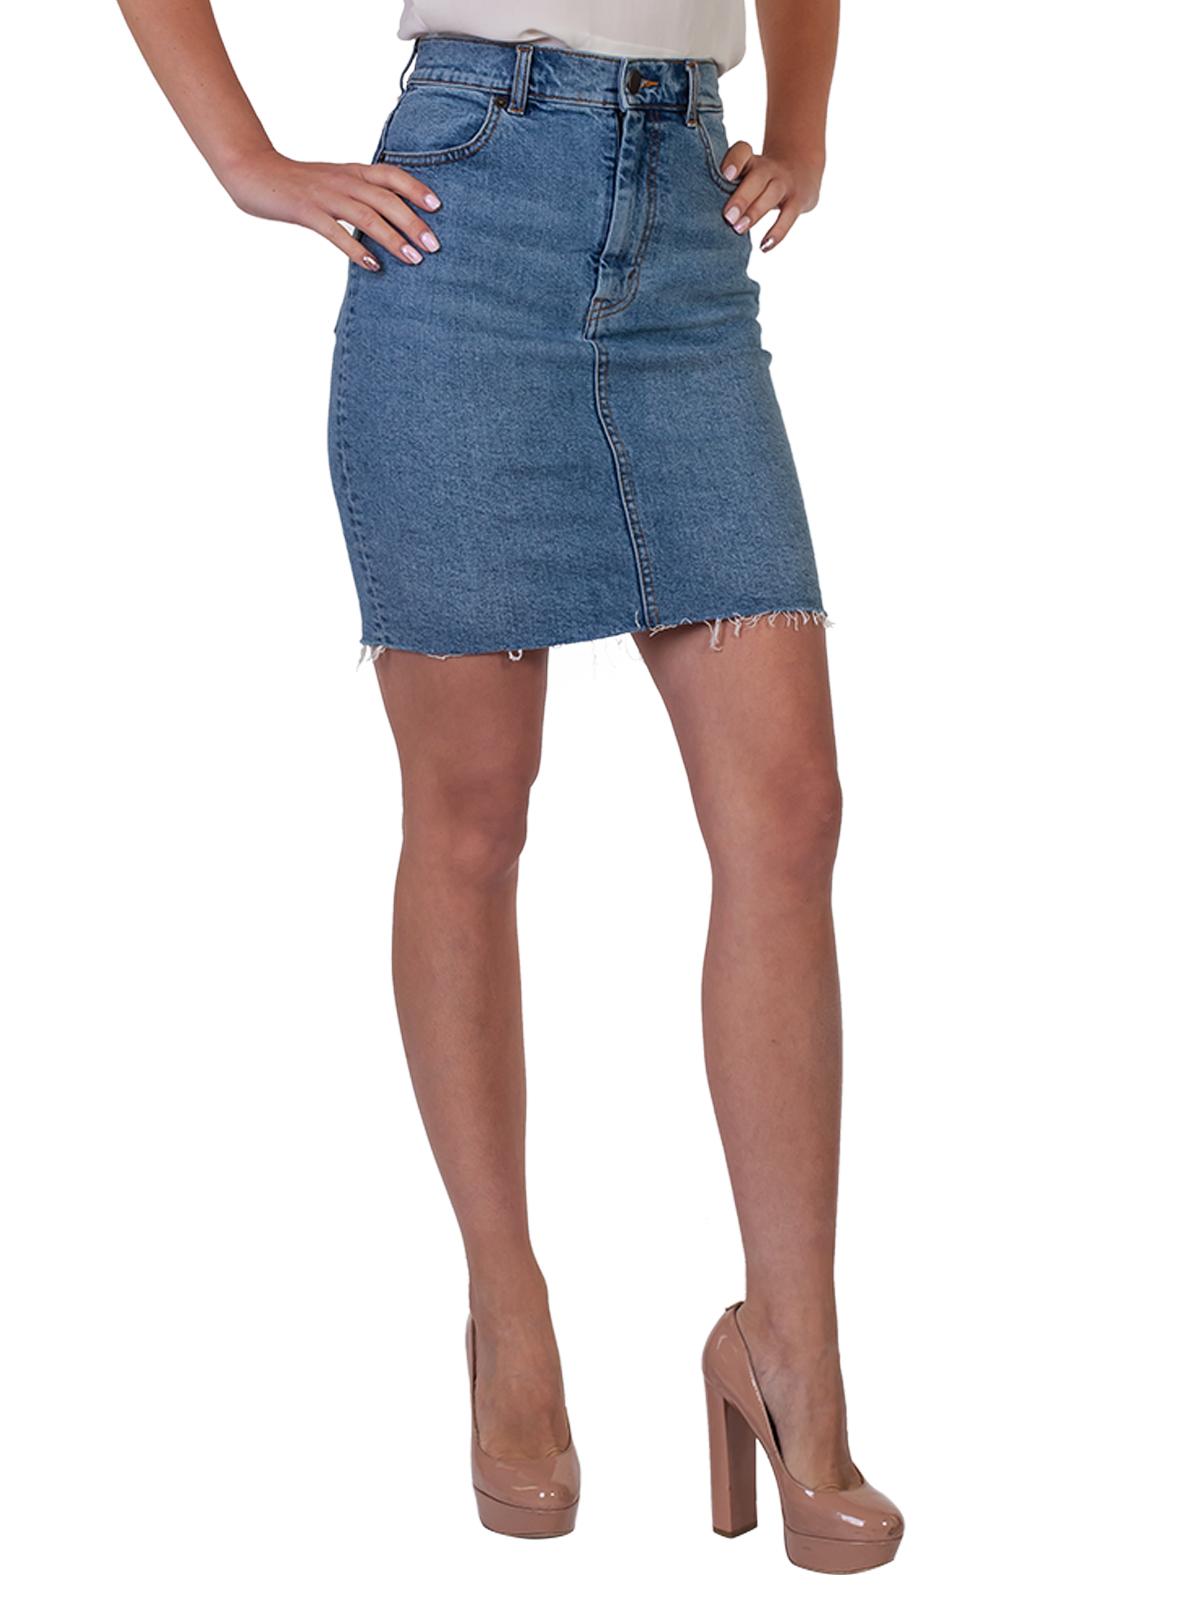 Купить в интернет магазине джинсовую юбку Los Angeles Atelier